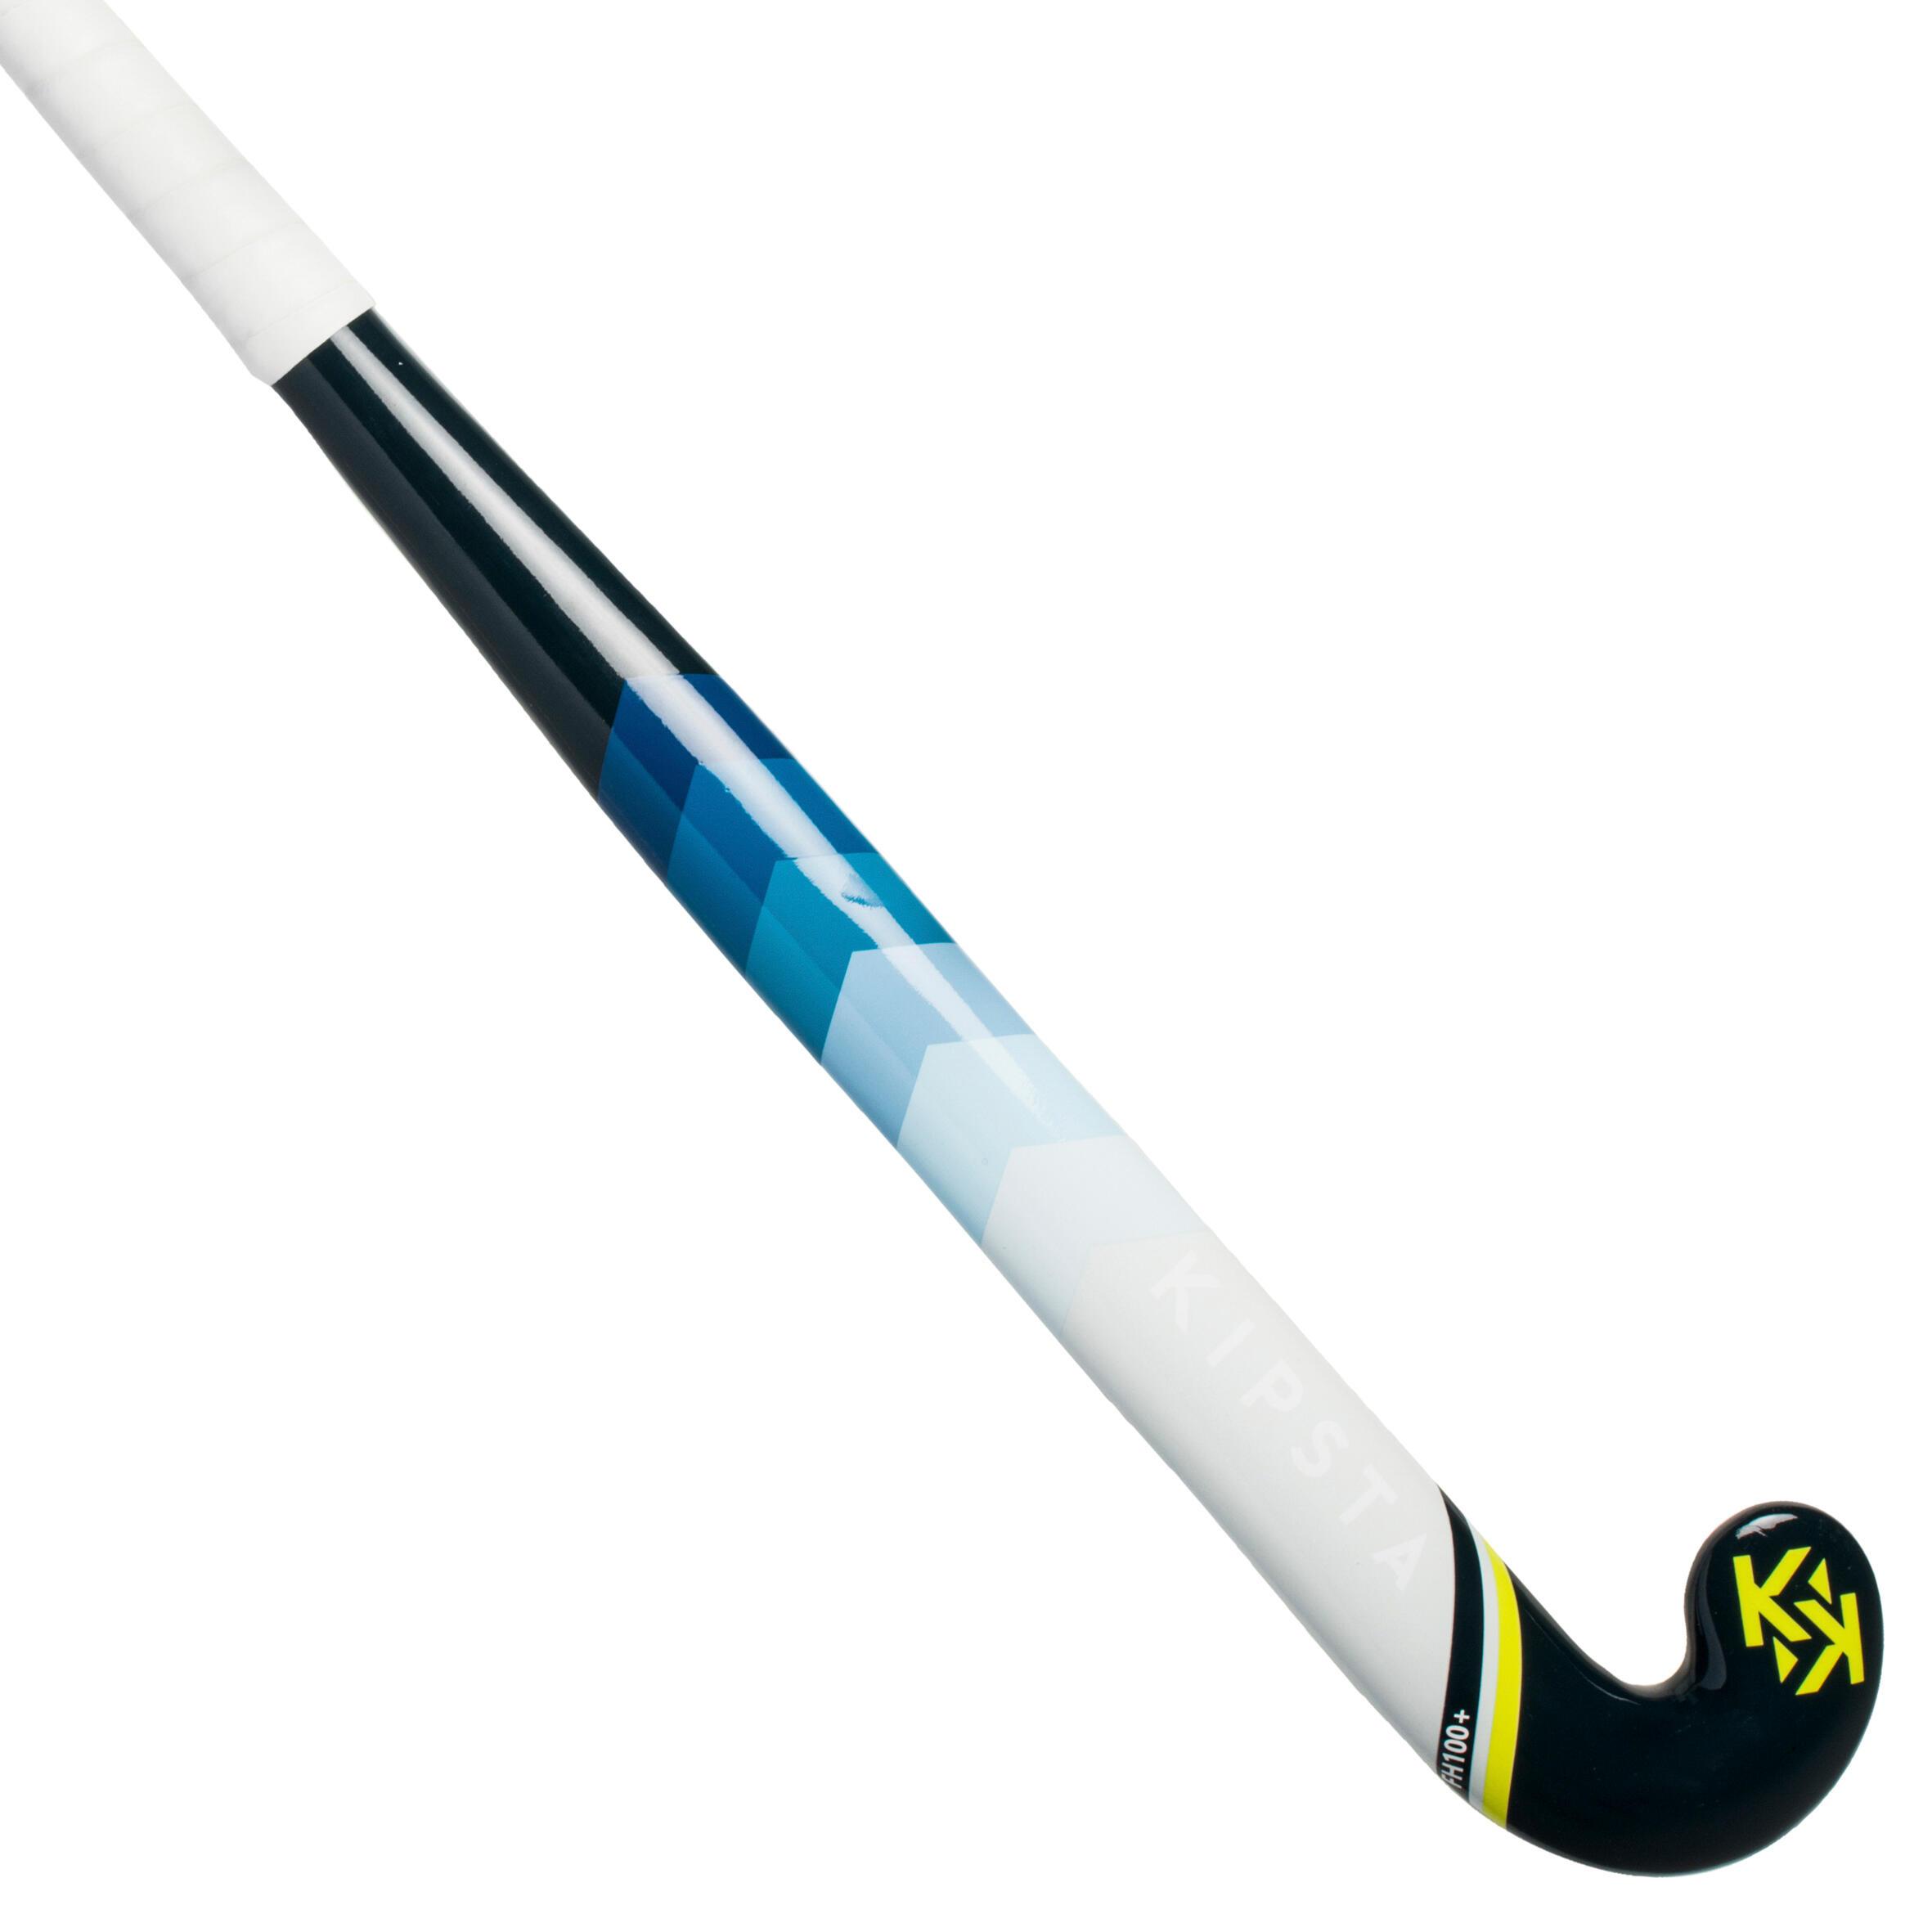 Kipsta Hockeystick voor gevorderde kinderen en volwassenen glasvezel FH110 blauw geel